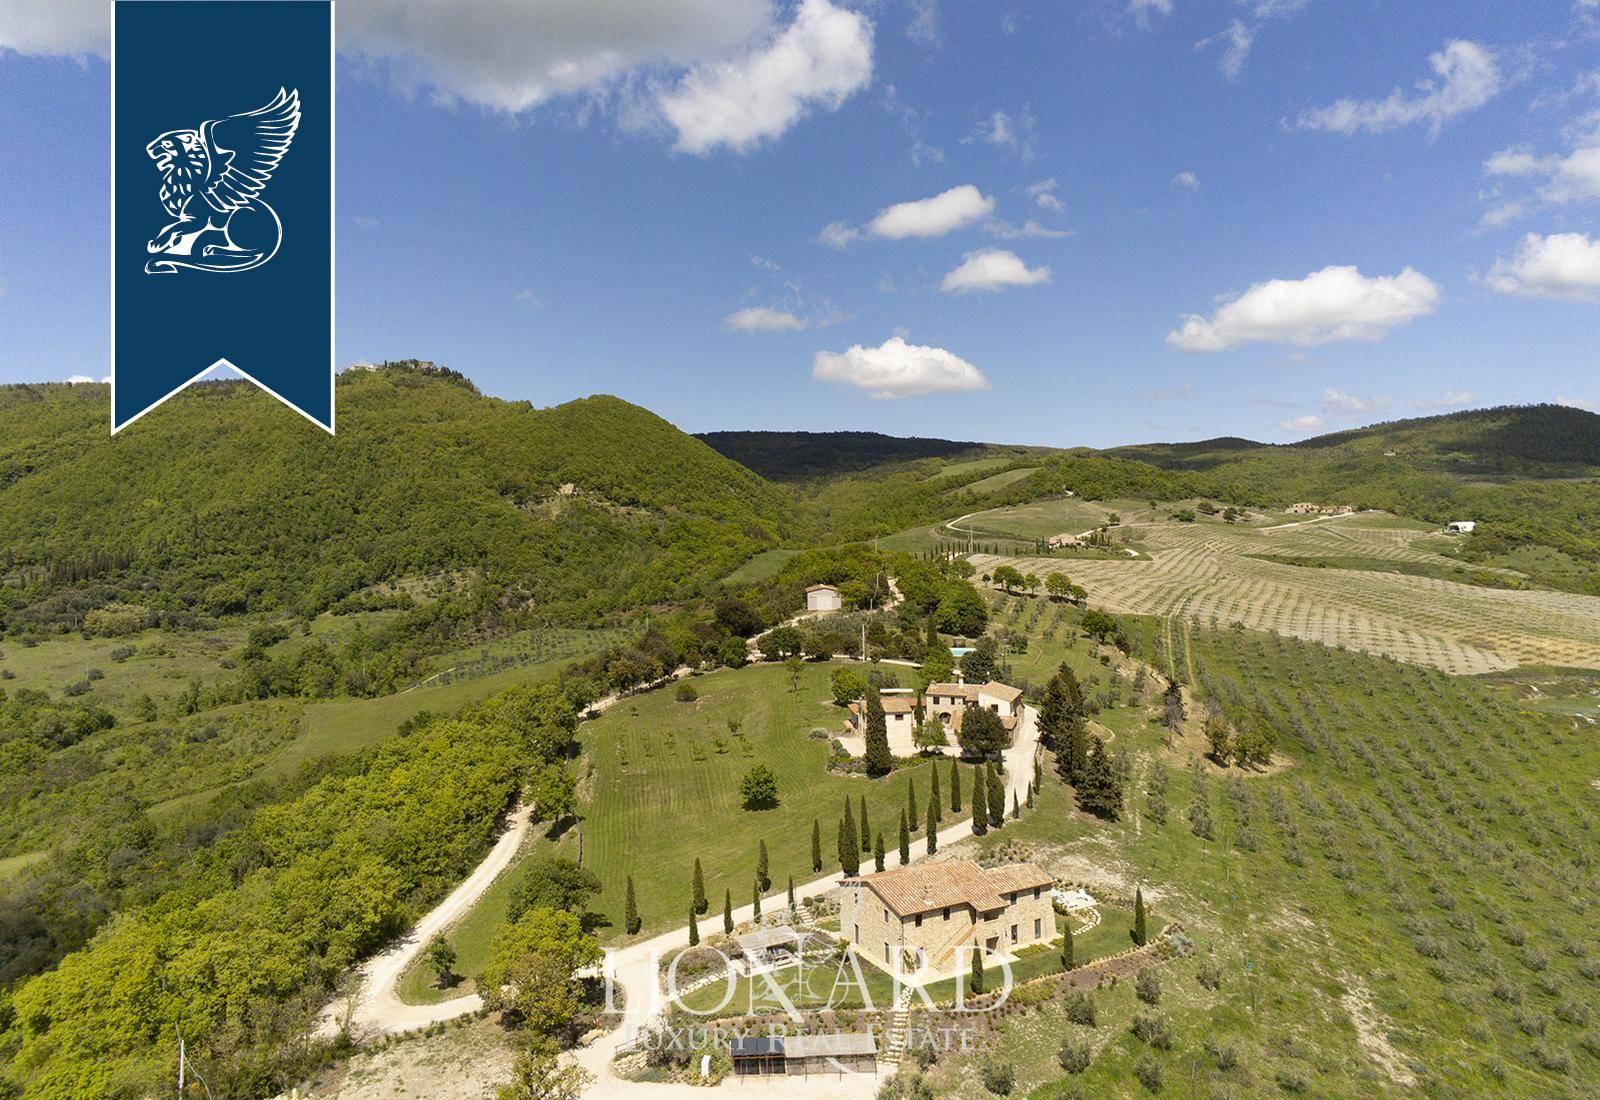 Agriturismo in Vendita a Sarteano: 0 locali, 2000 mq - Foto 6